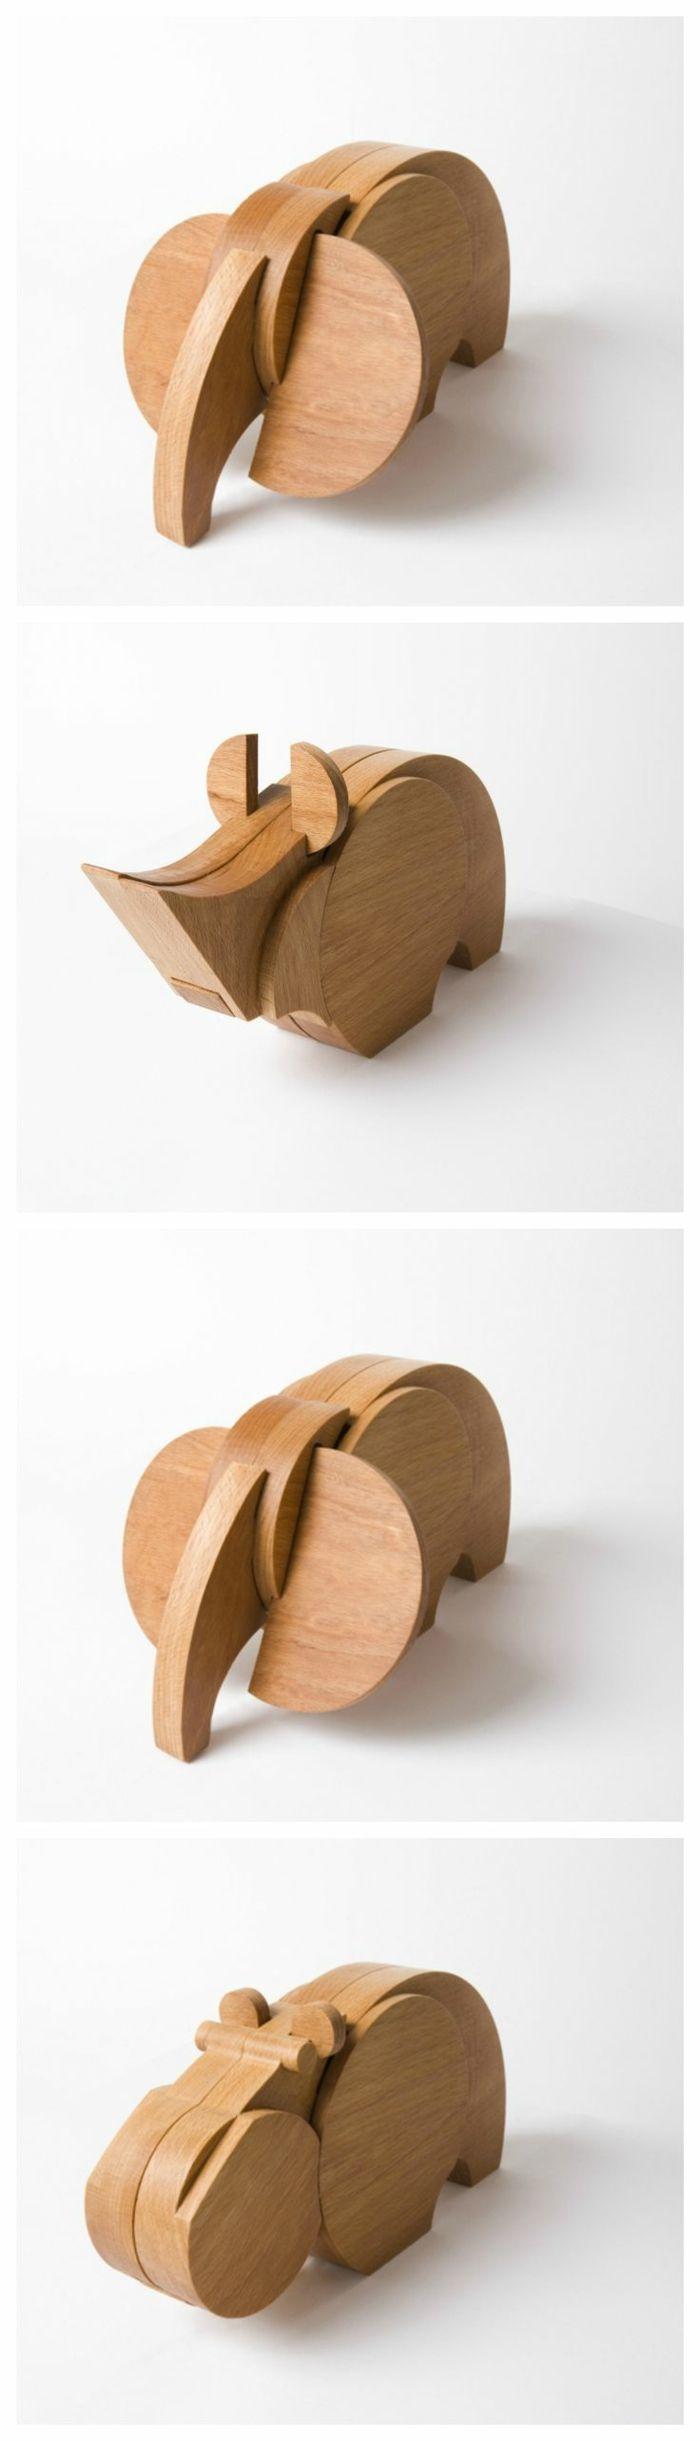 jouets en bois, animal préhistorique                                                                                                                                                                                 Plus